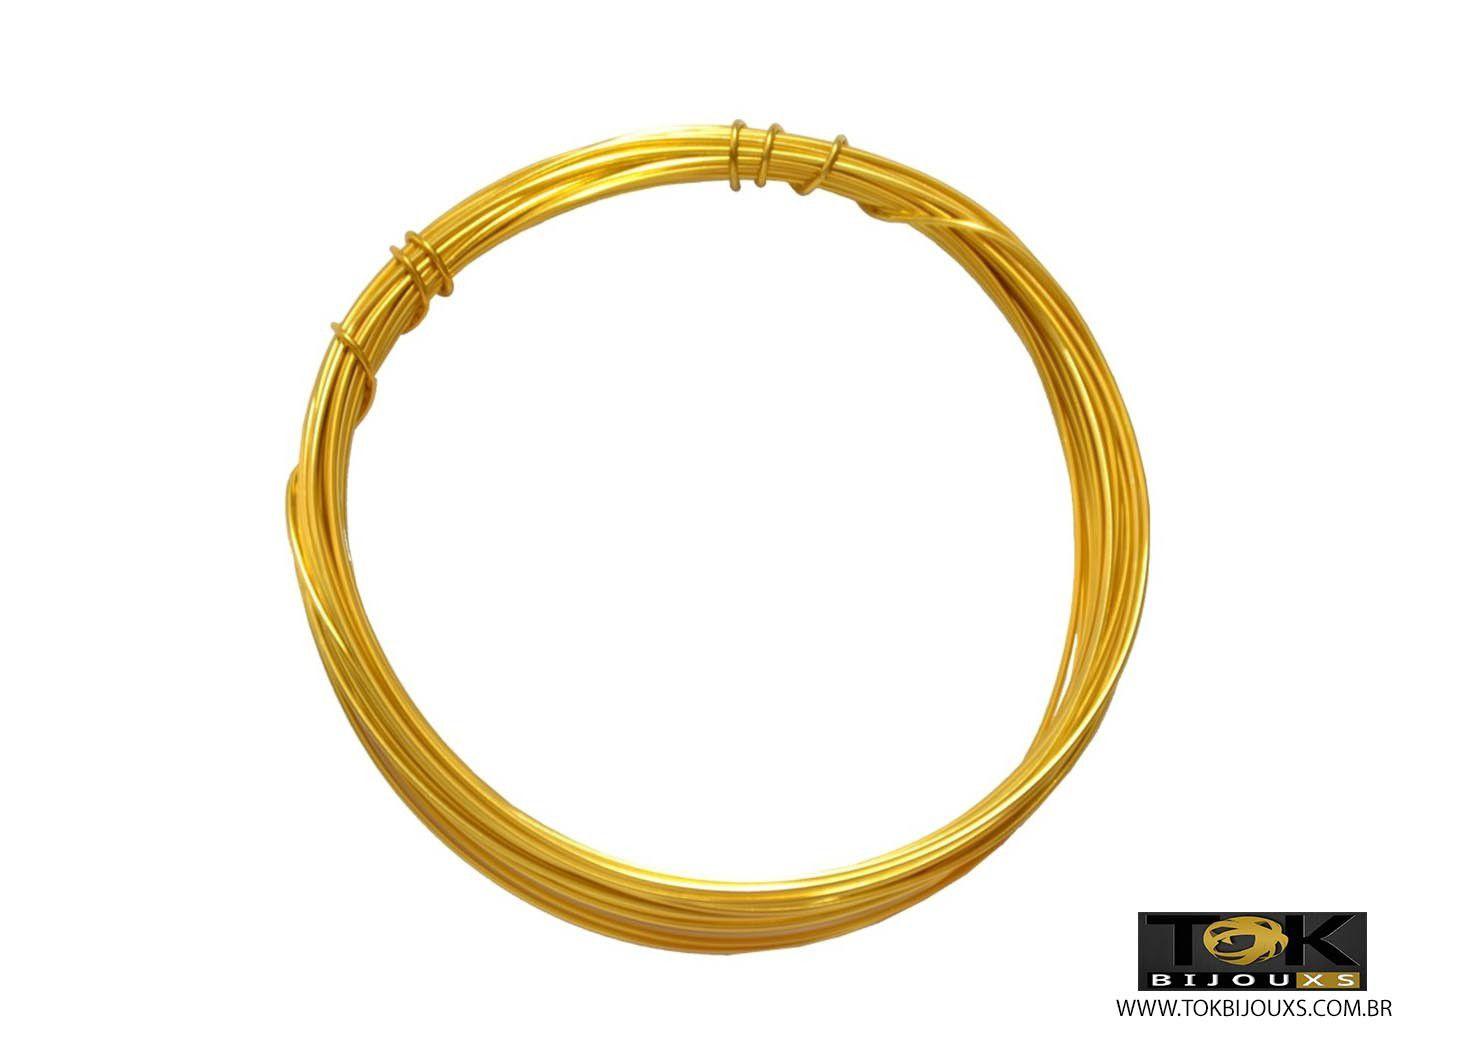 Arame Aluminio Dourado 1,2mm - 1 kg